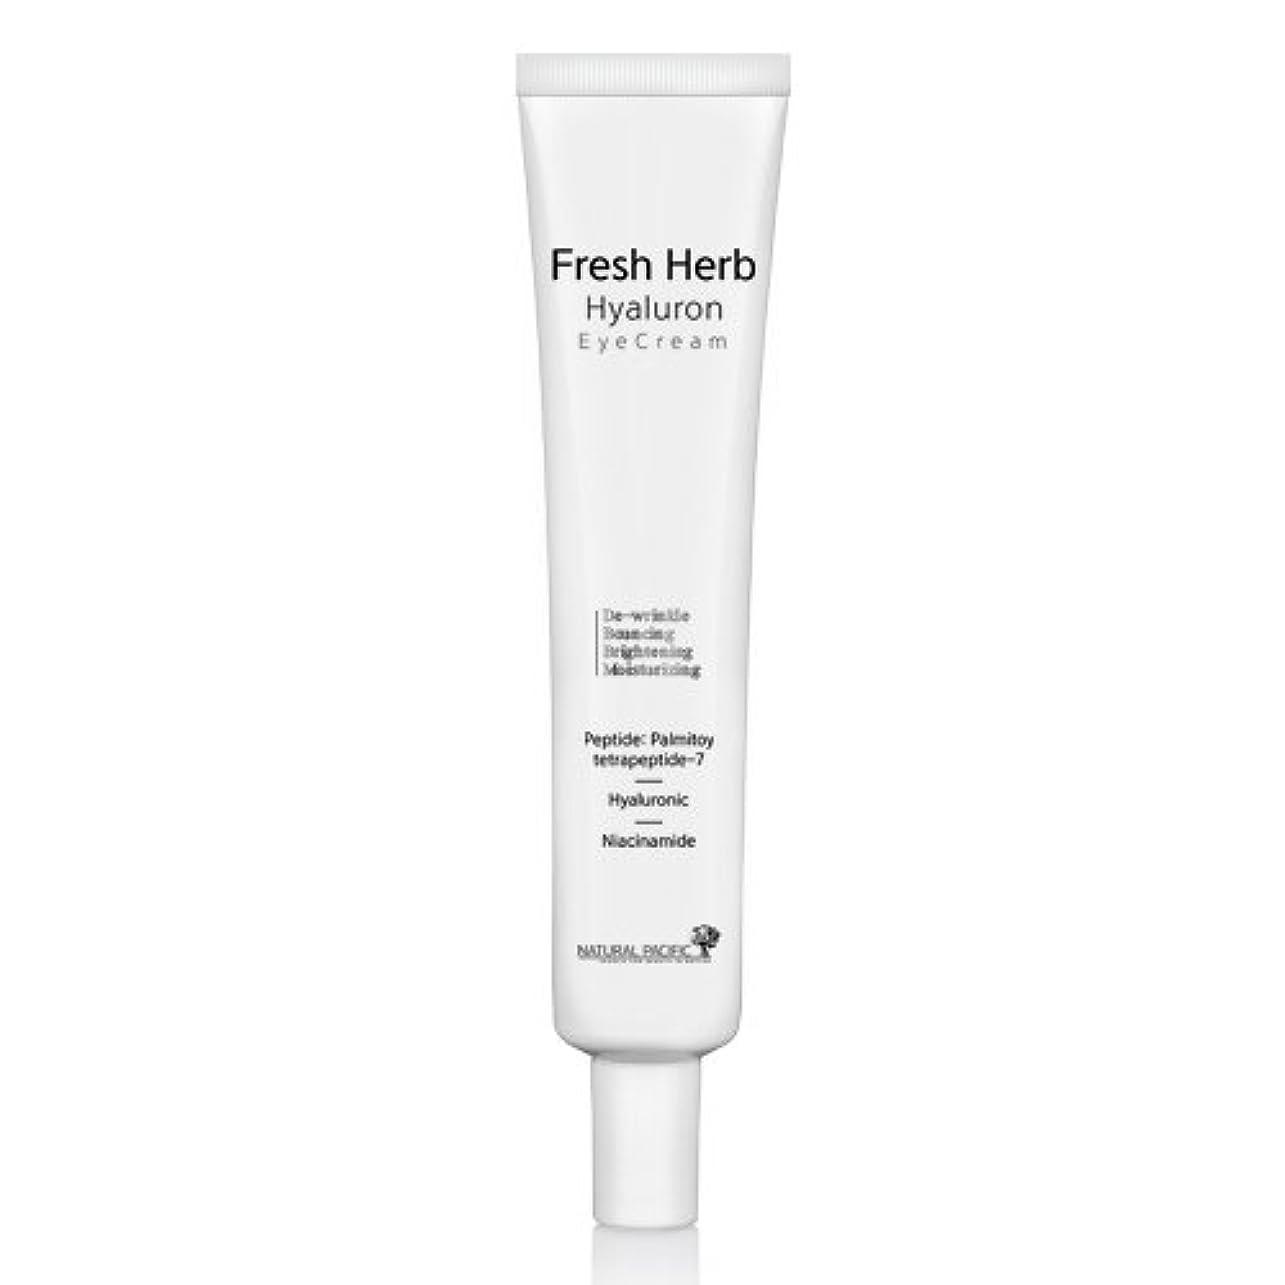 原稿天の鰐NATURAL PACIFIC Fresh Herb Hyaluron Eye Cream 30ml/ナチュラルパシフィック フレッシュ ハーブ ヒアルロン アイクリーム 30ml [並行輸入品]